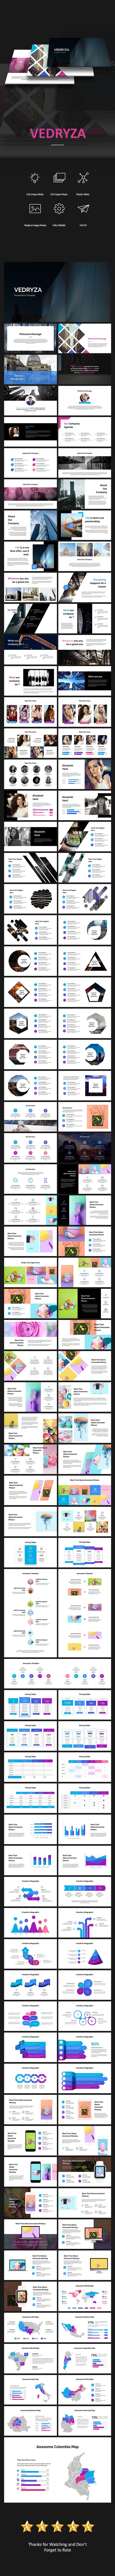 Vedryza Google Slides - Google Slides Presentation Templates